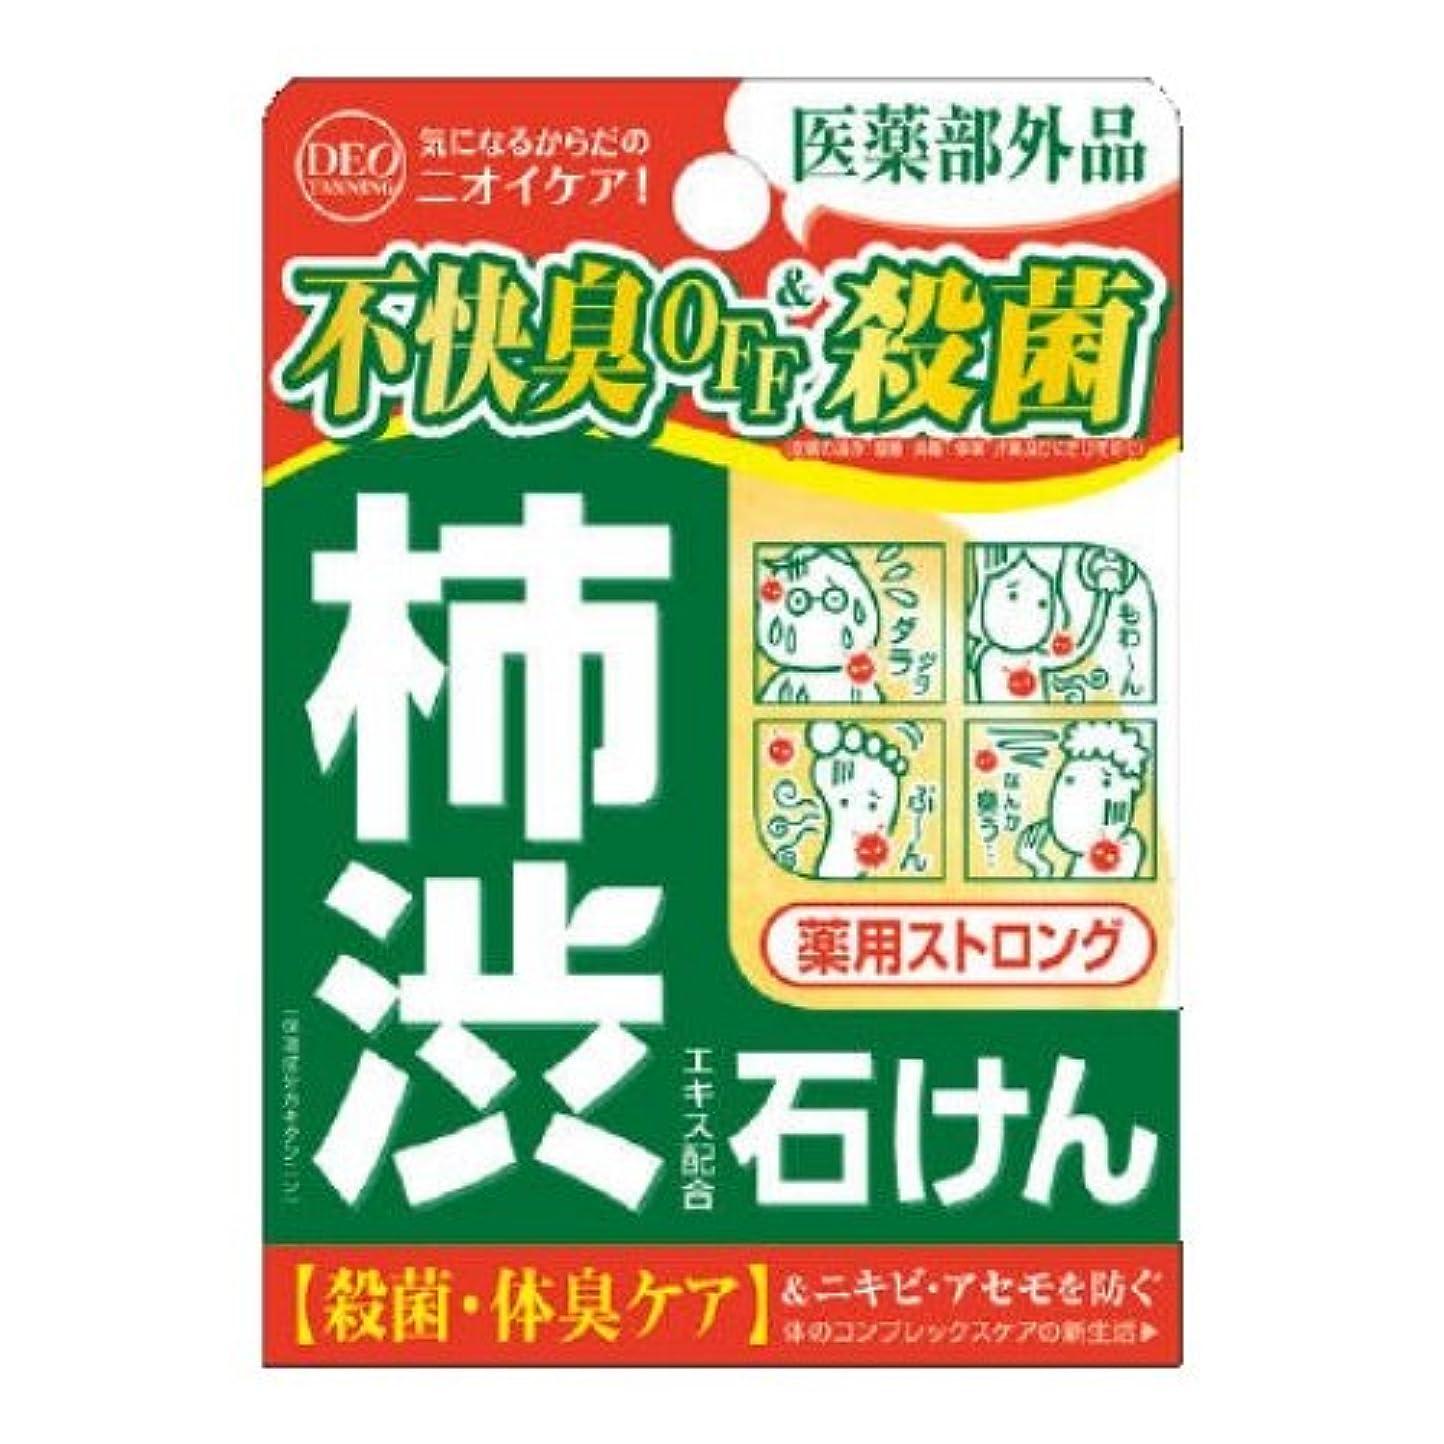 ゴルフマーキング気楽なデオタンニング 薬用ストロング ソープ 100g (医薬部外品)